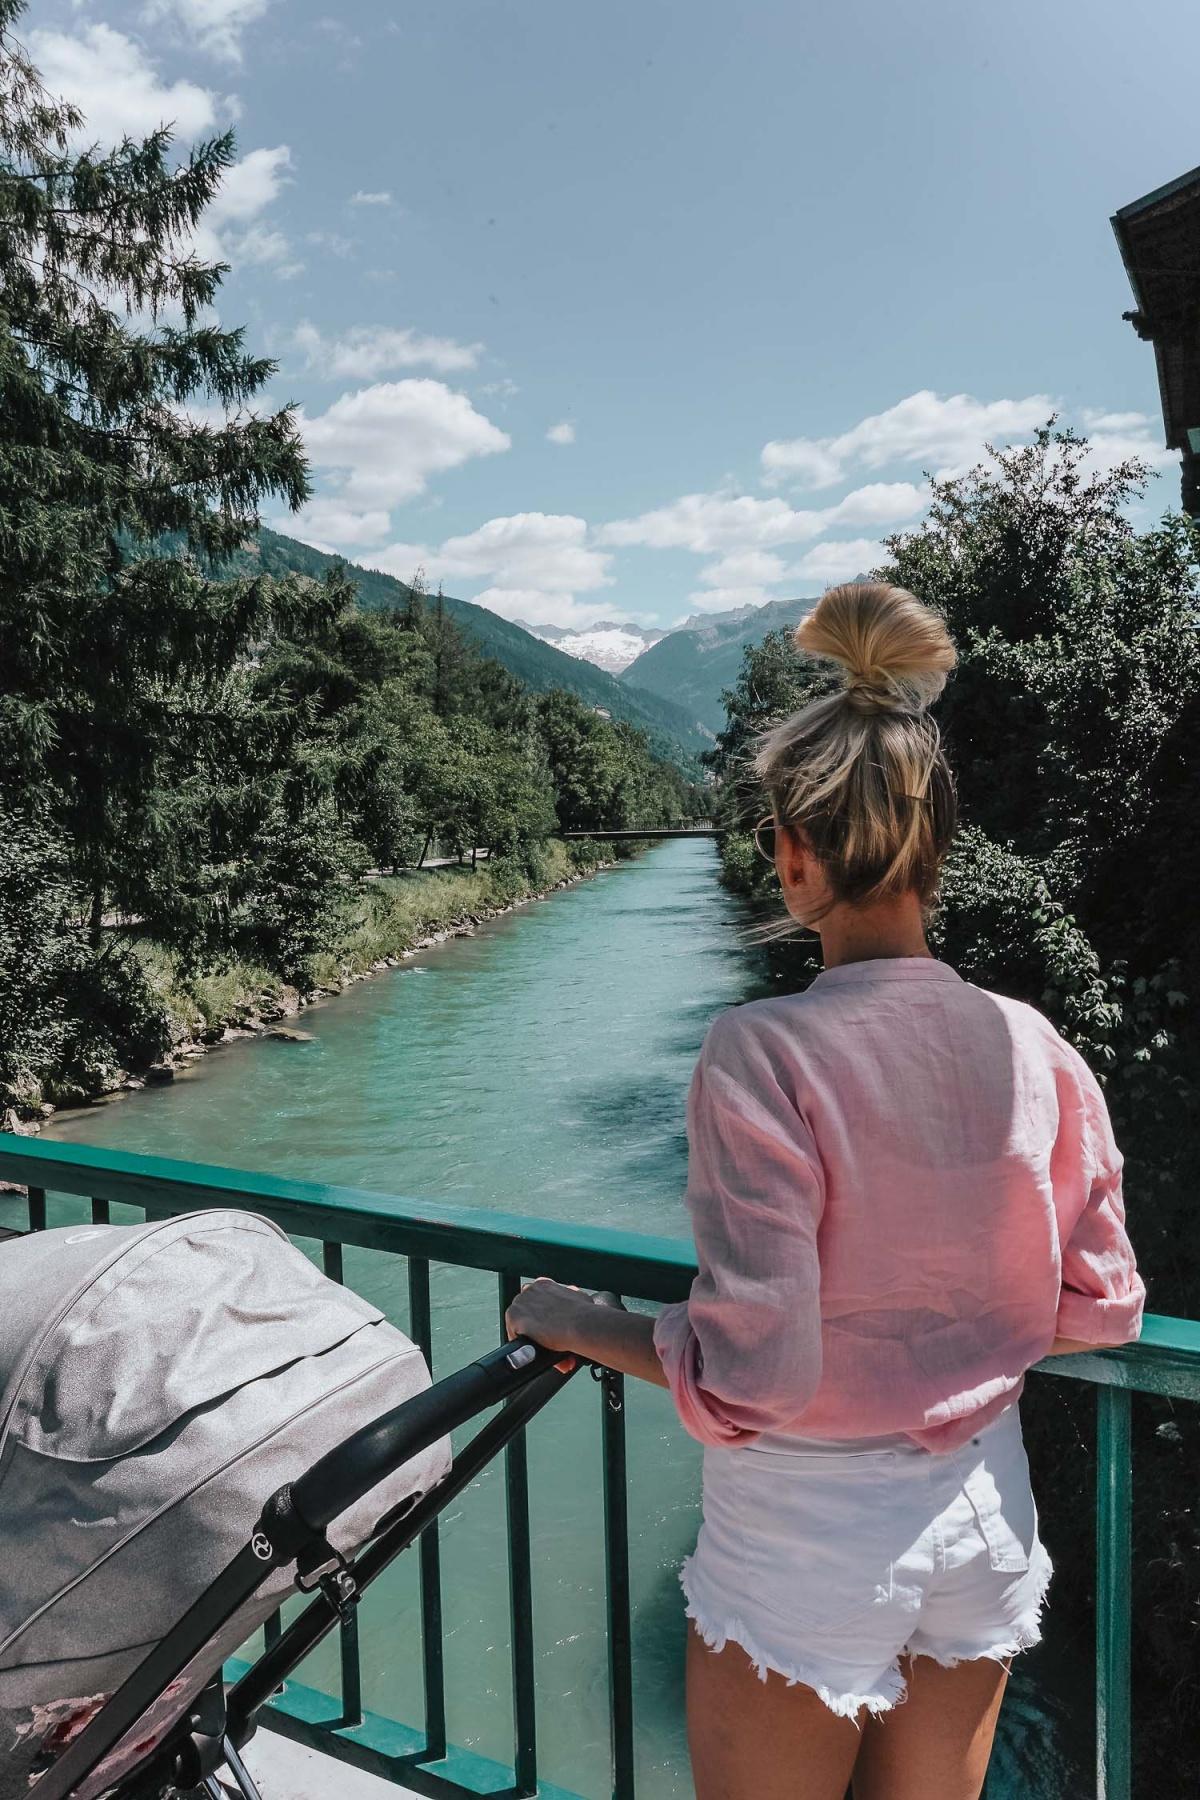 stylingliebe-mamablog-reiseblog-muenchen-familienreiseblog-reiseblogger-familienblog-sommerurlaub-in-gastein-mit-der-ganzen-familie-1